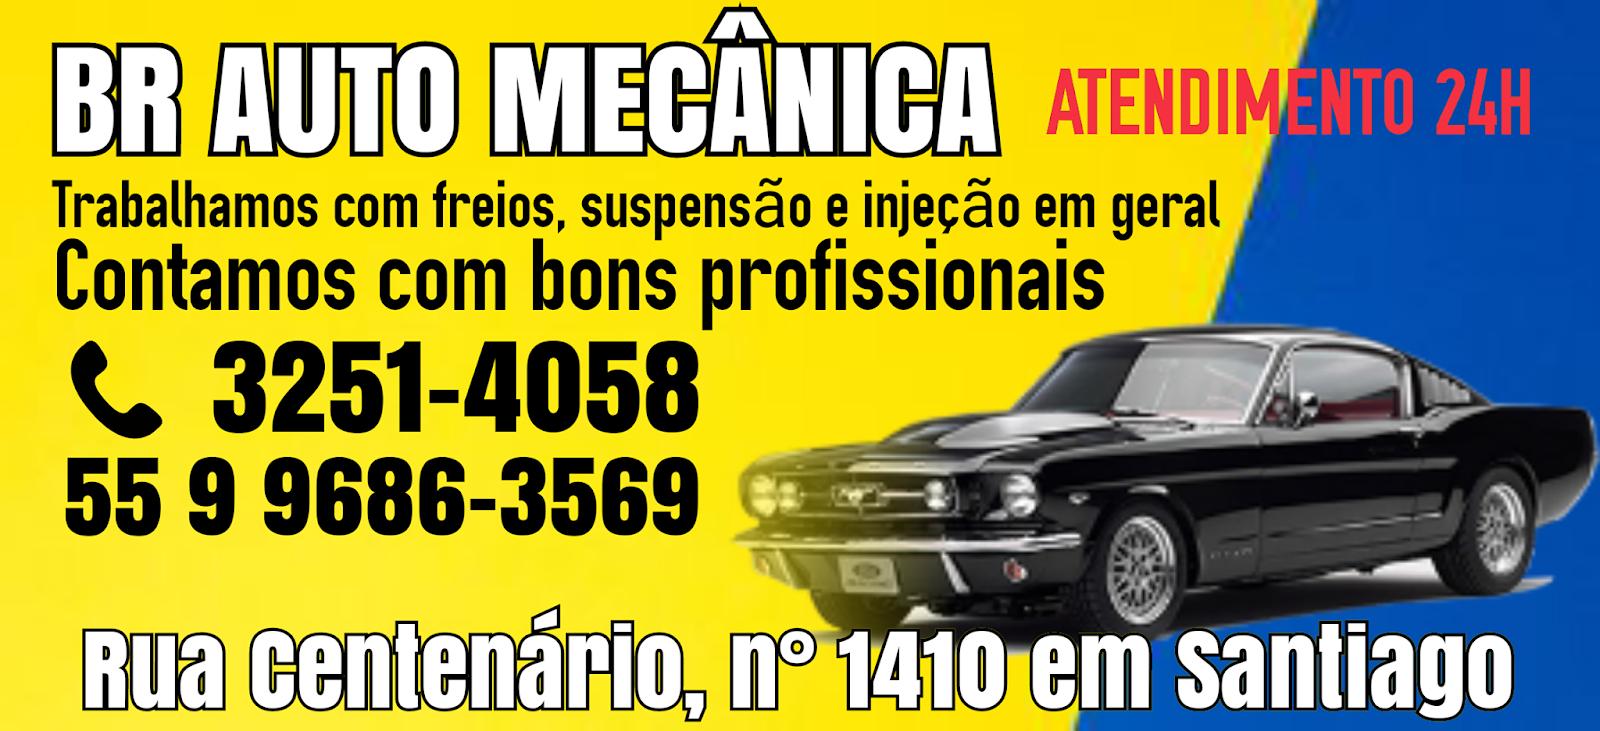 BR AUTO MECÂNICA EM SANTIAGO